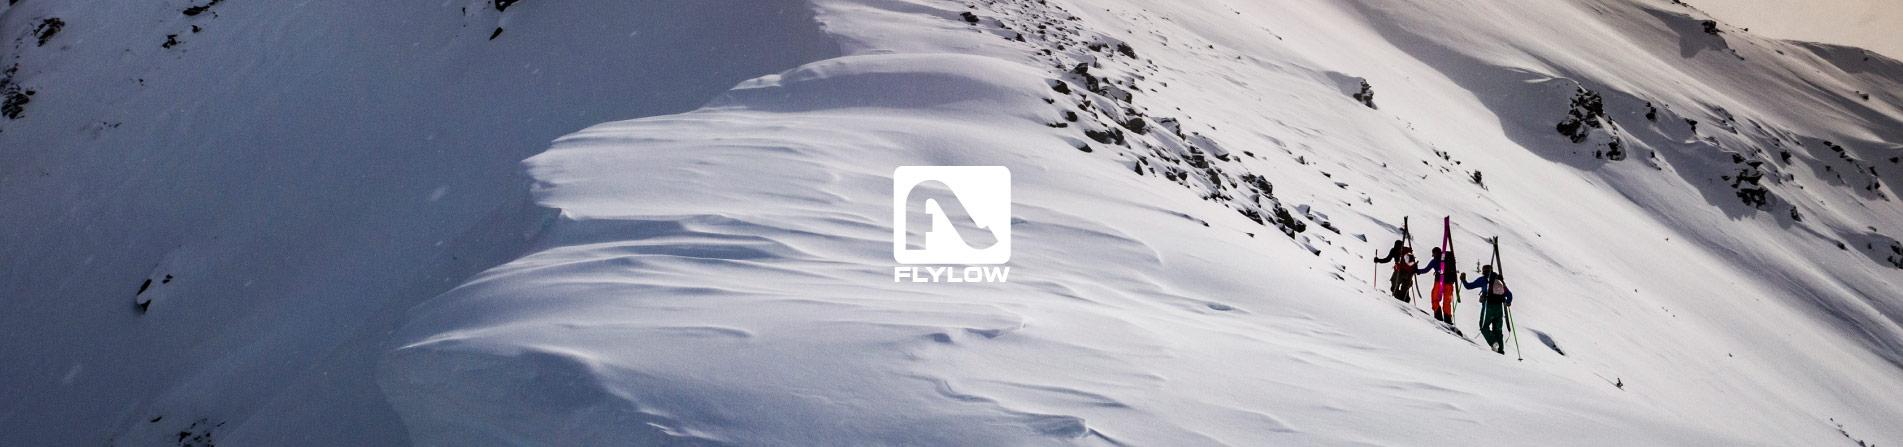 flylow-v1r-3.jpg